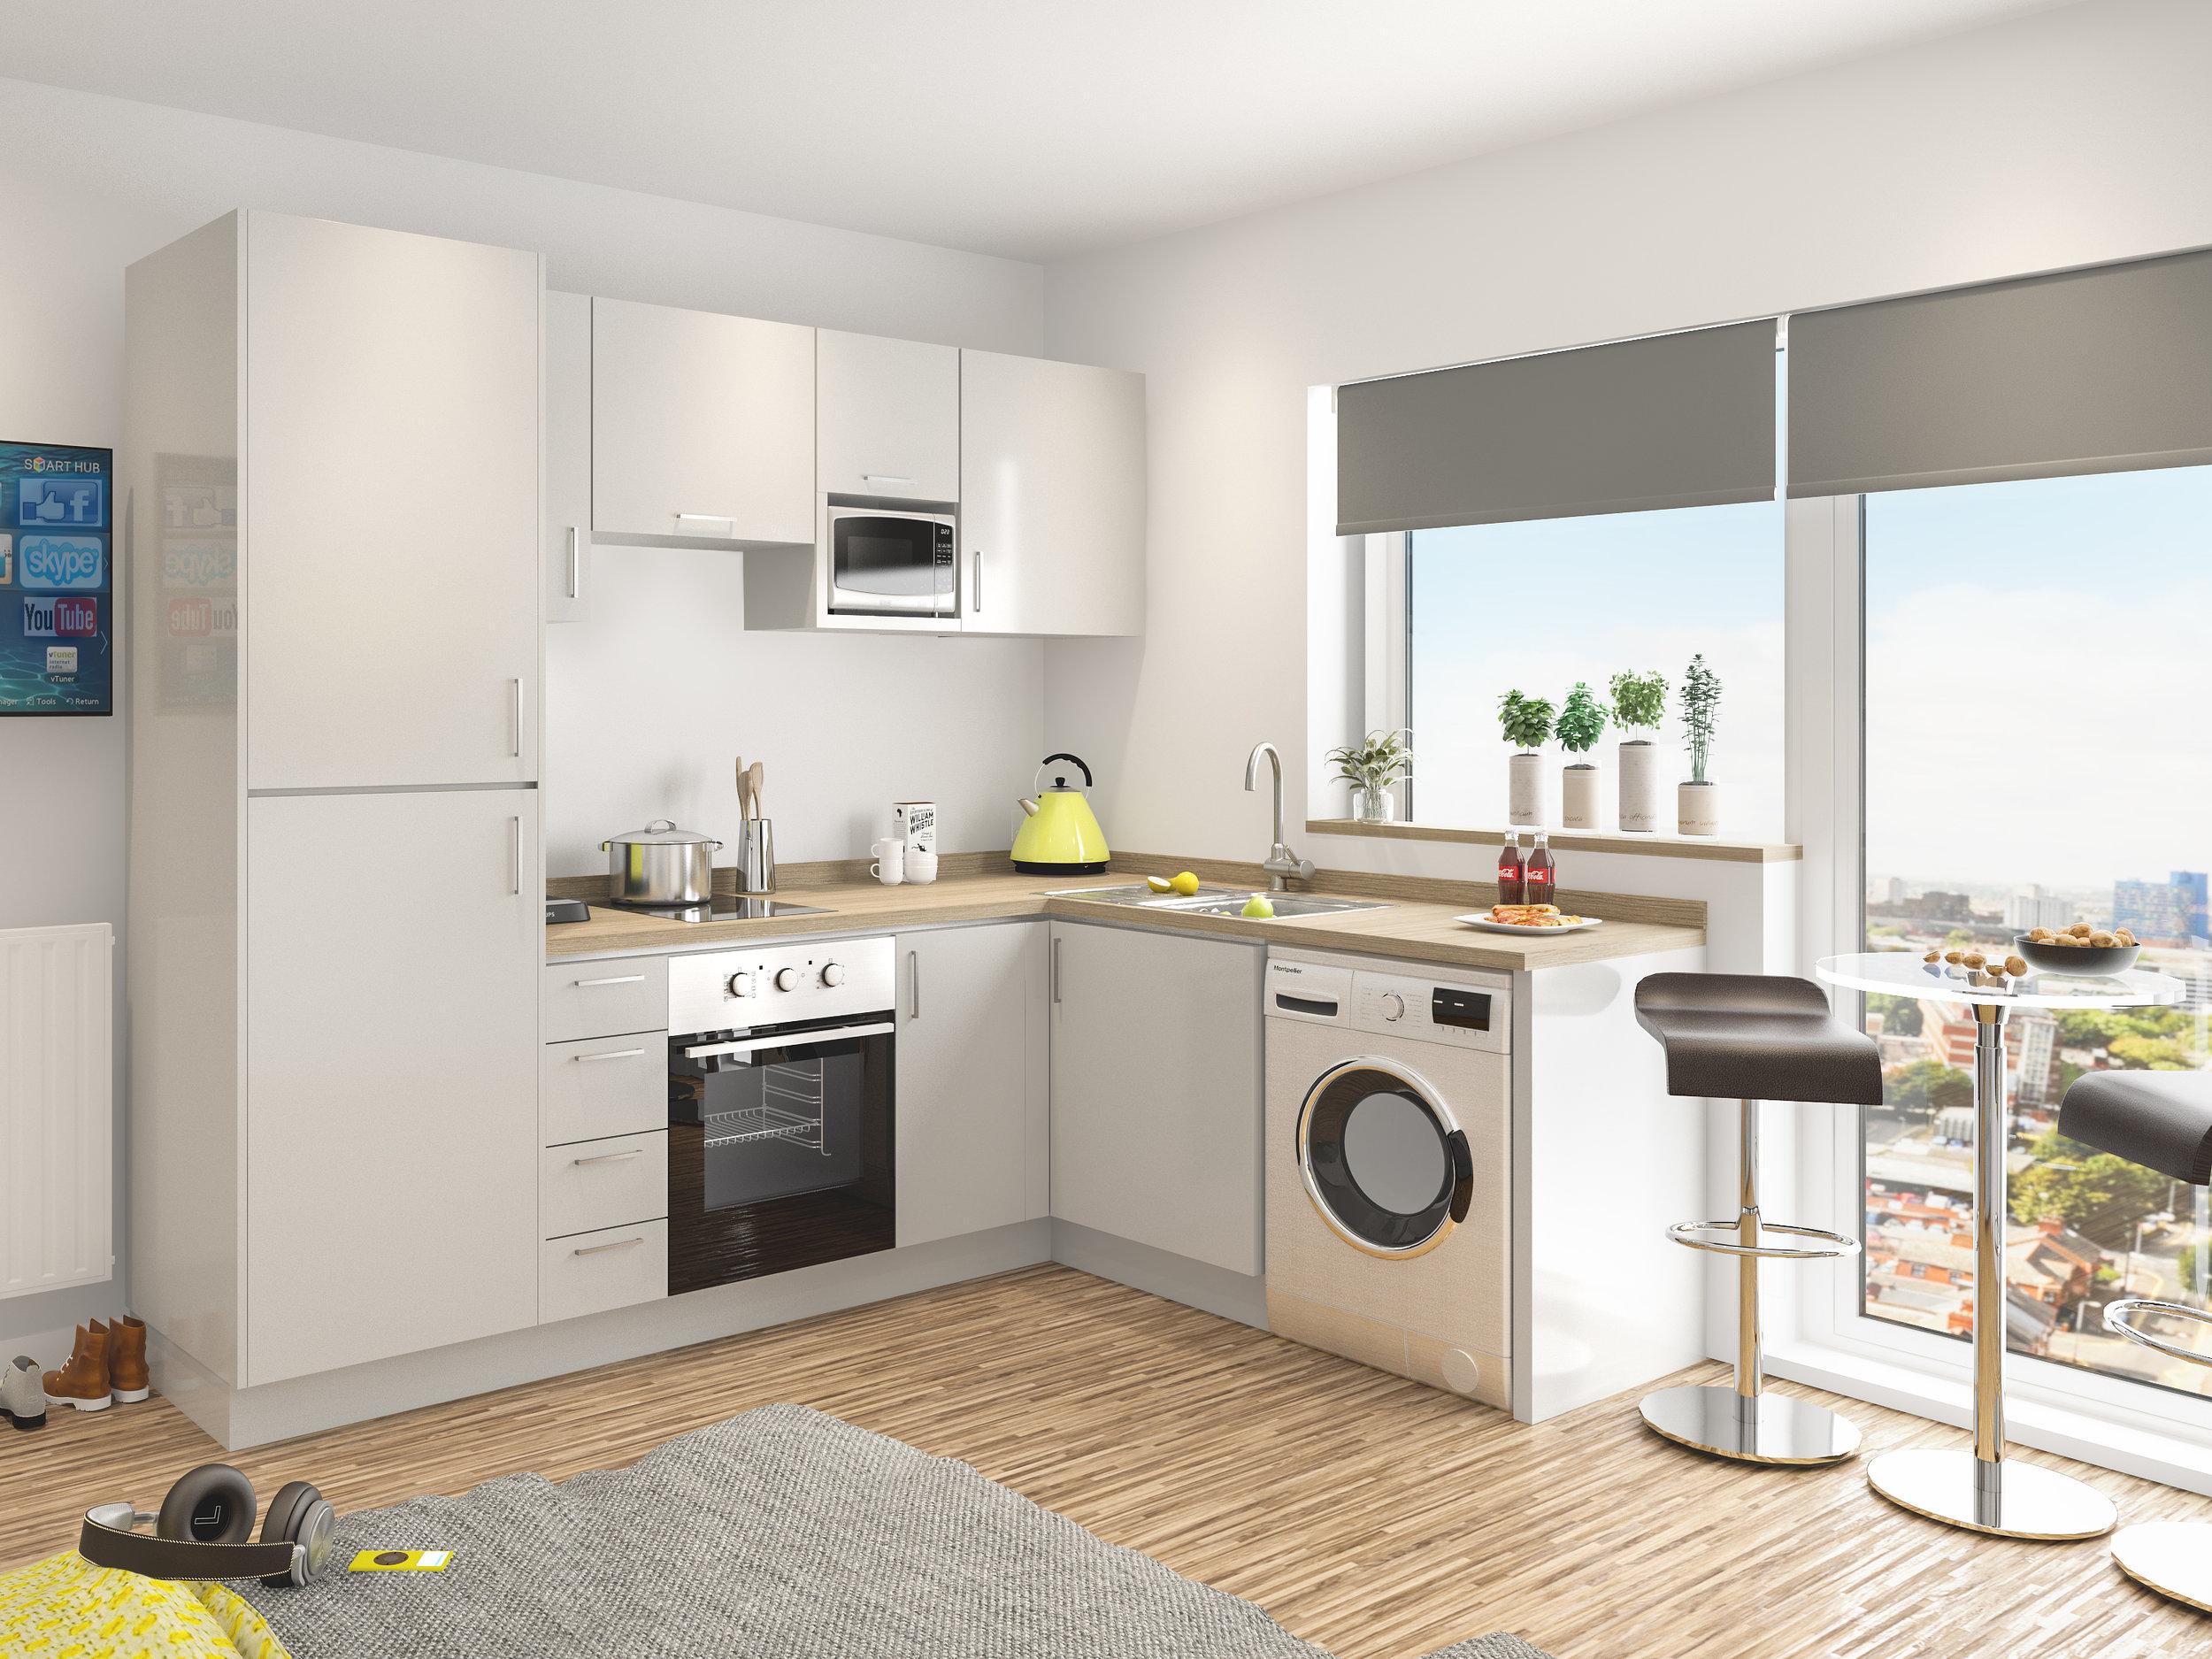 kitchen Low Res.jpg